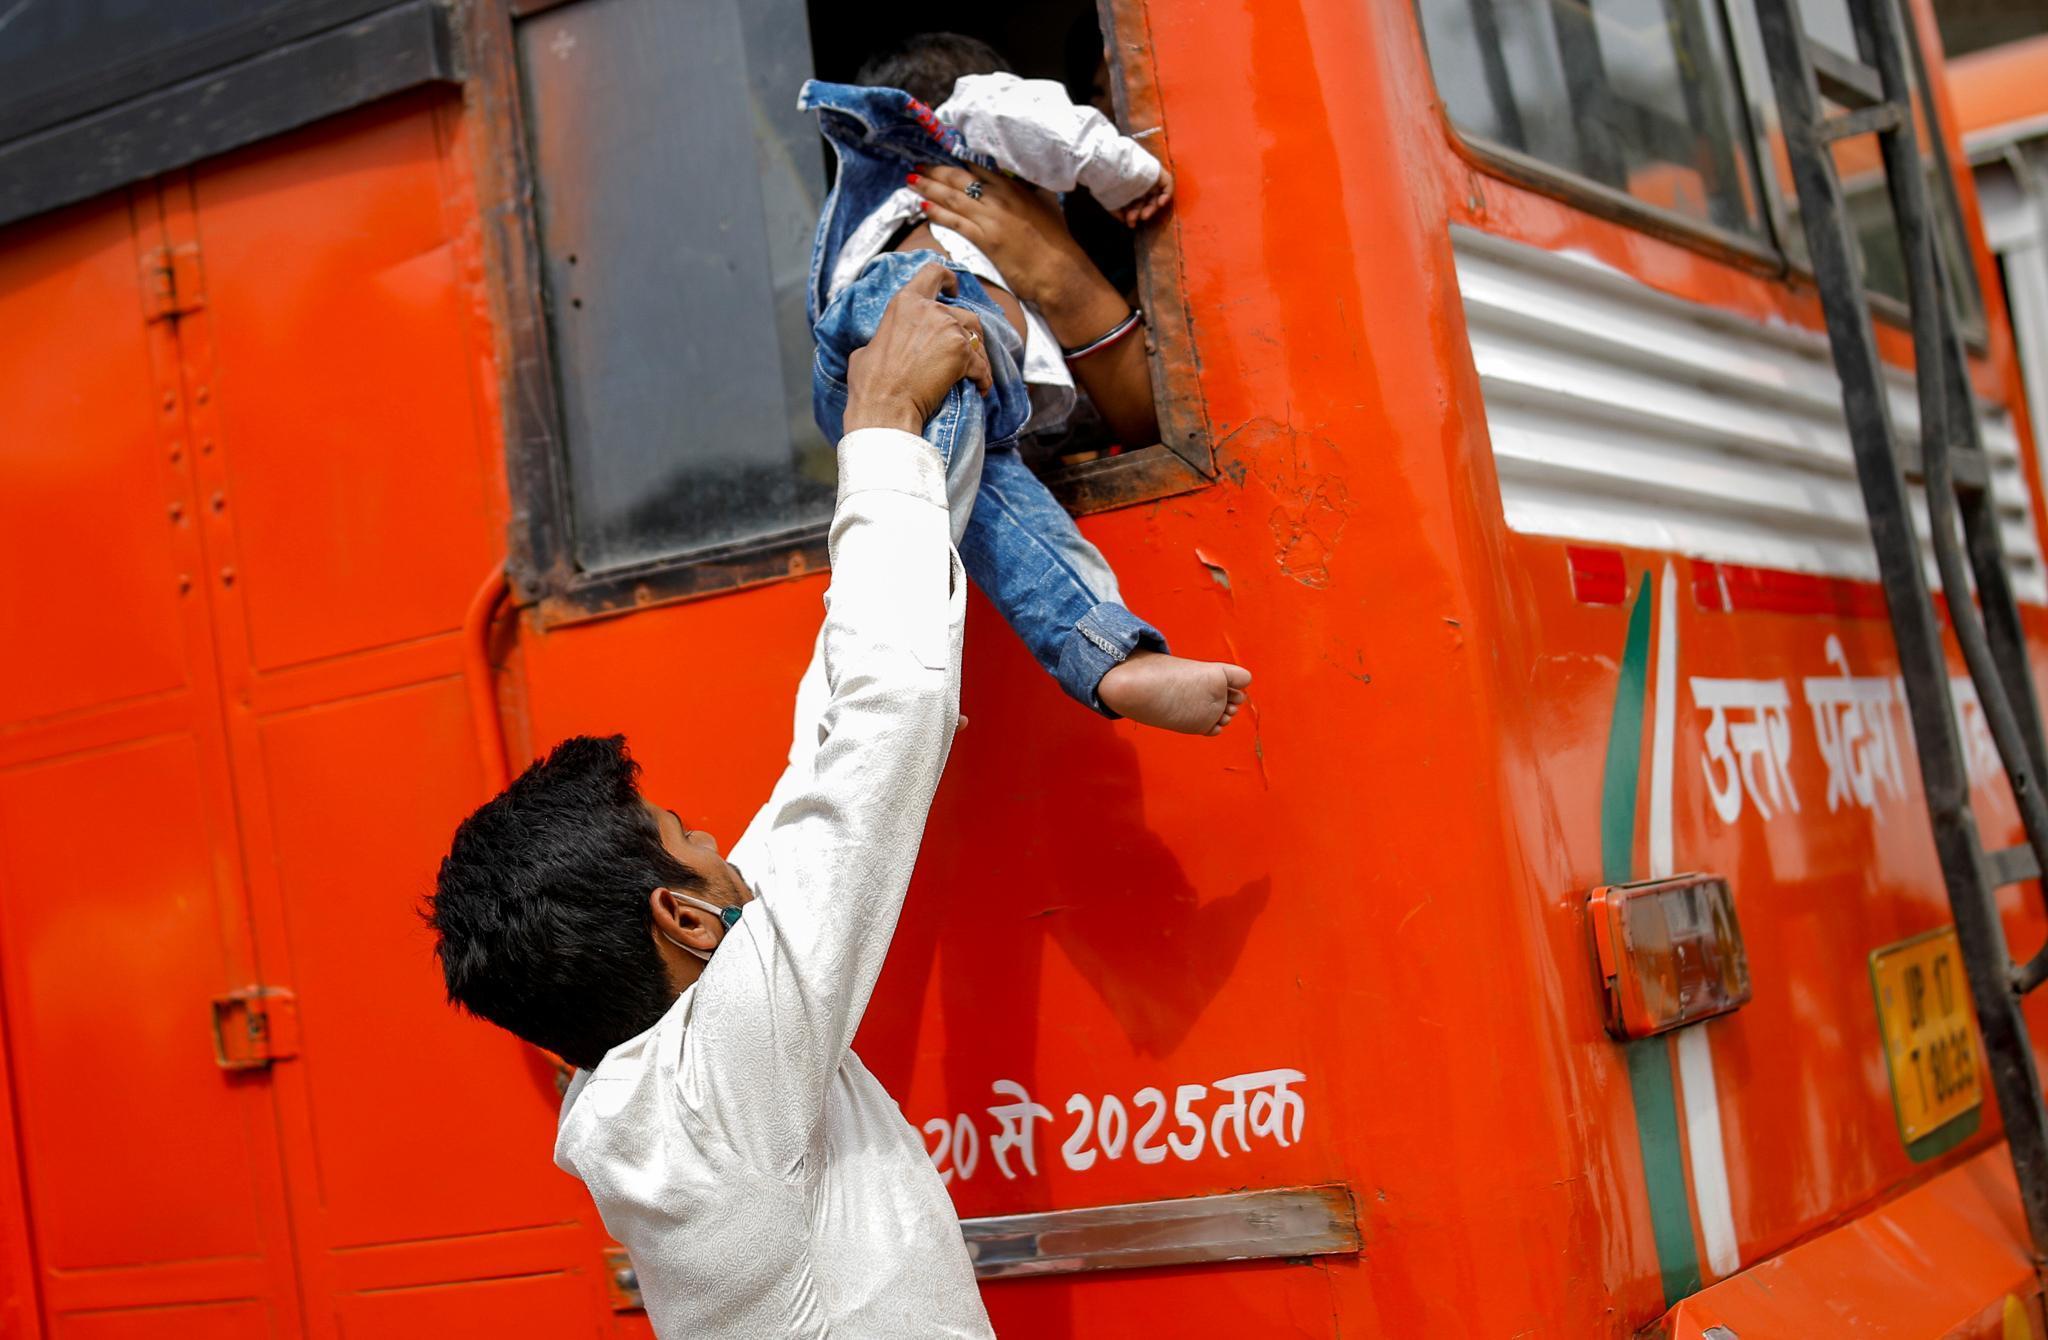 Hậu quả khủng khiếp của 'cơn bão oxy' đổ bộ vào Ấn Độ